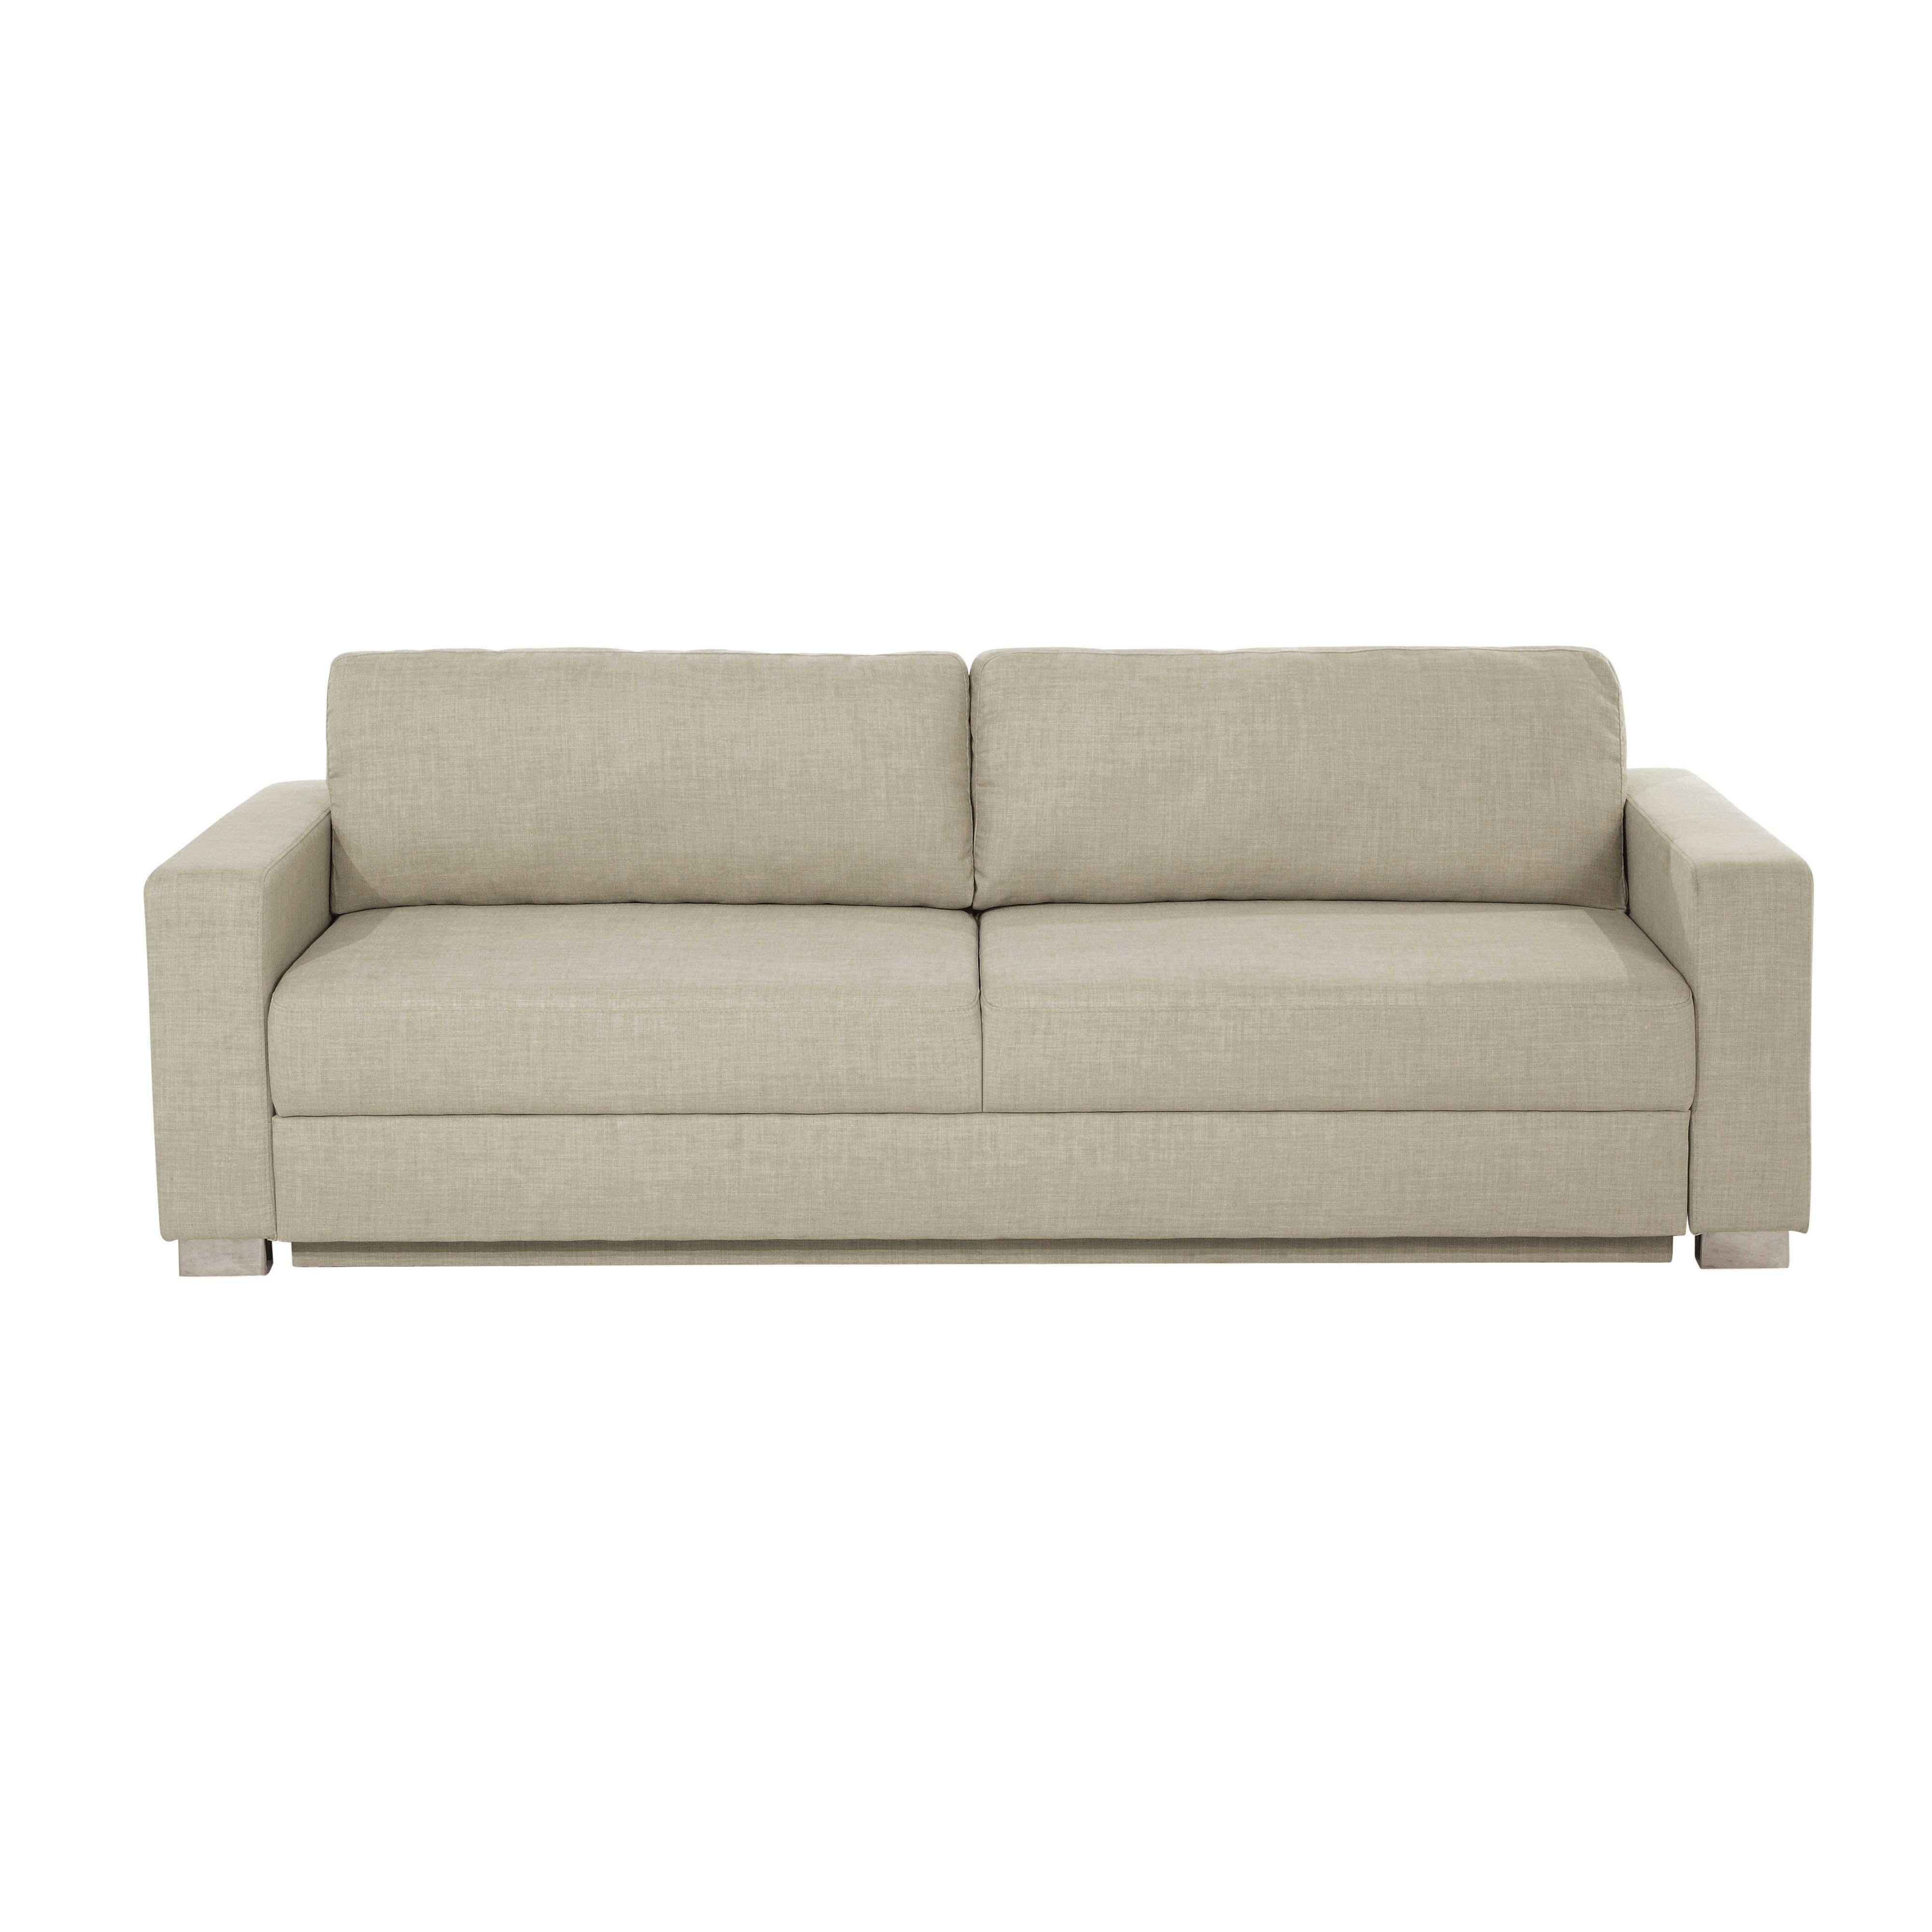 Canape Convertible 3 Places En Tissu Beige Urban Convertible Sofa Beige Convertible